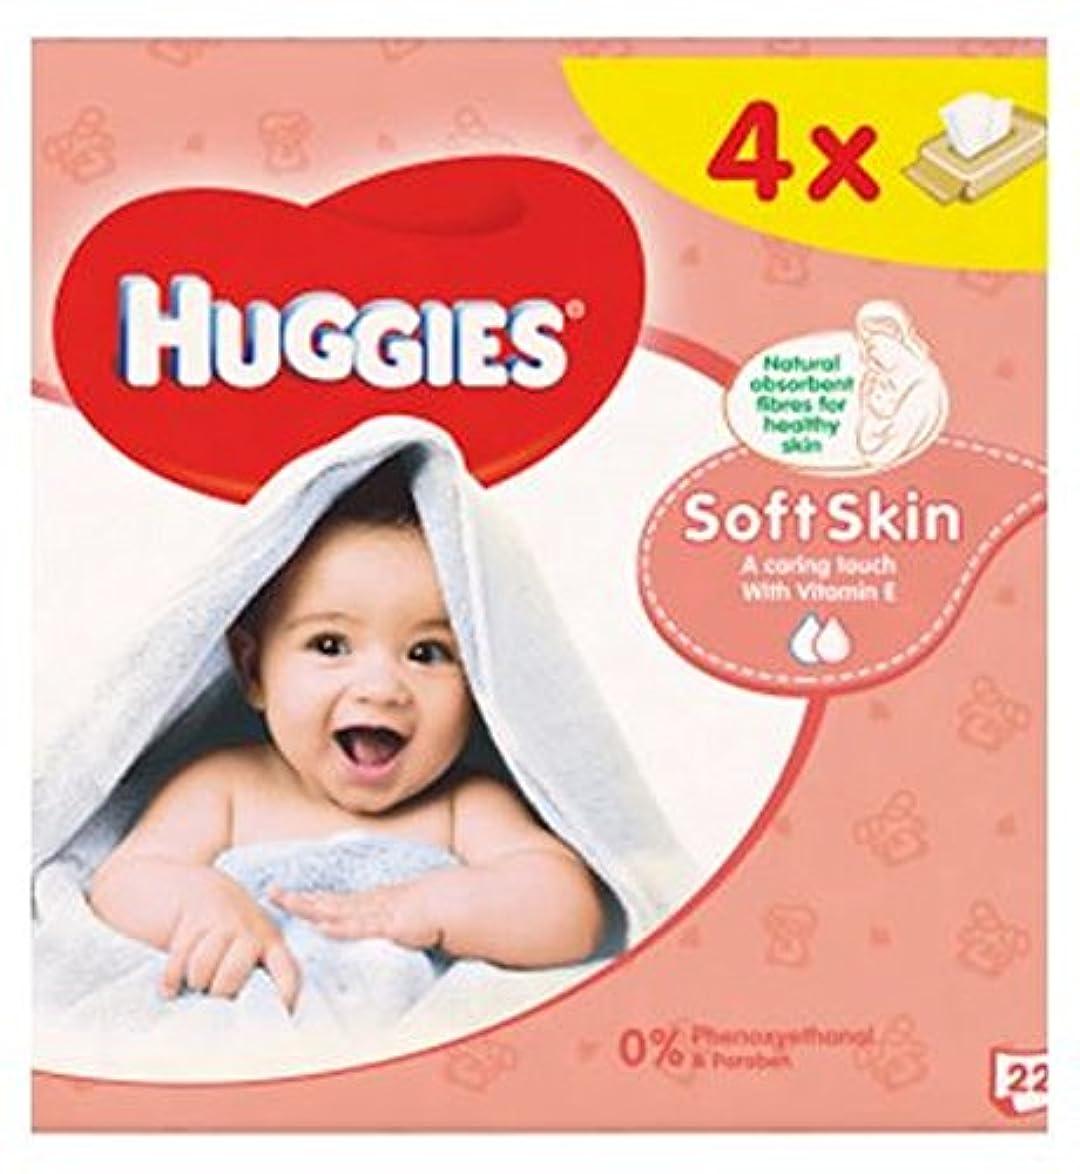 離れたギャップ高揚したHuggies Baby Wipes Soft Skin Quads 56s - ハギーズの赤ちゃんは柔らかい肌のクアッド56Sを払拭します (Huggies) [並行輸入品]